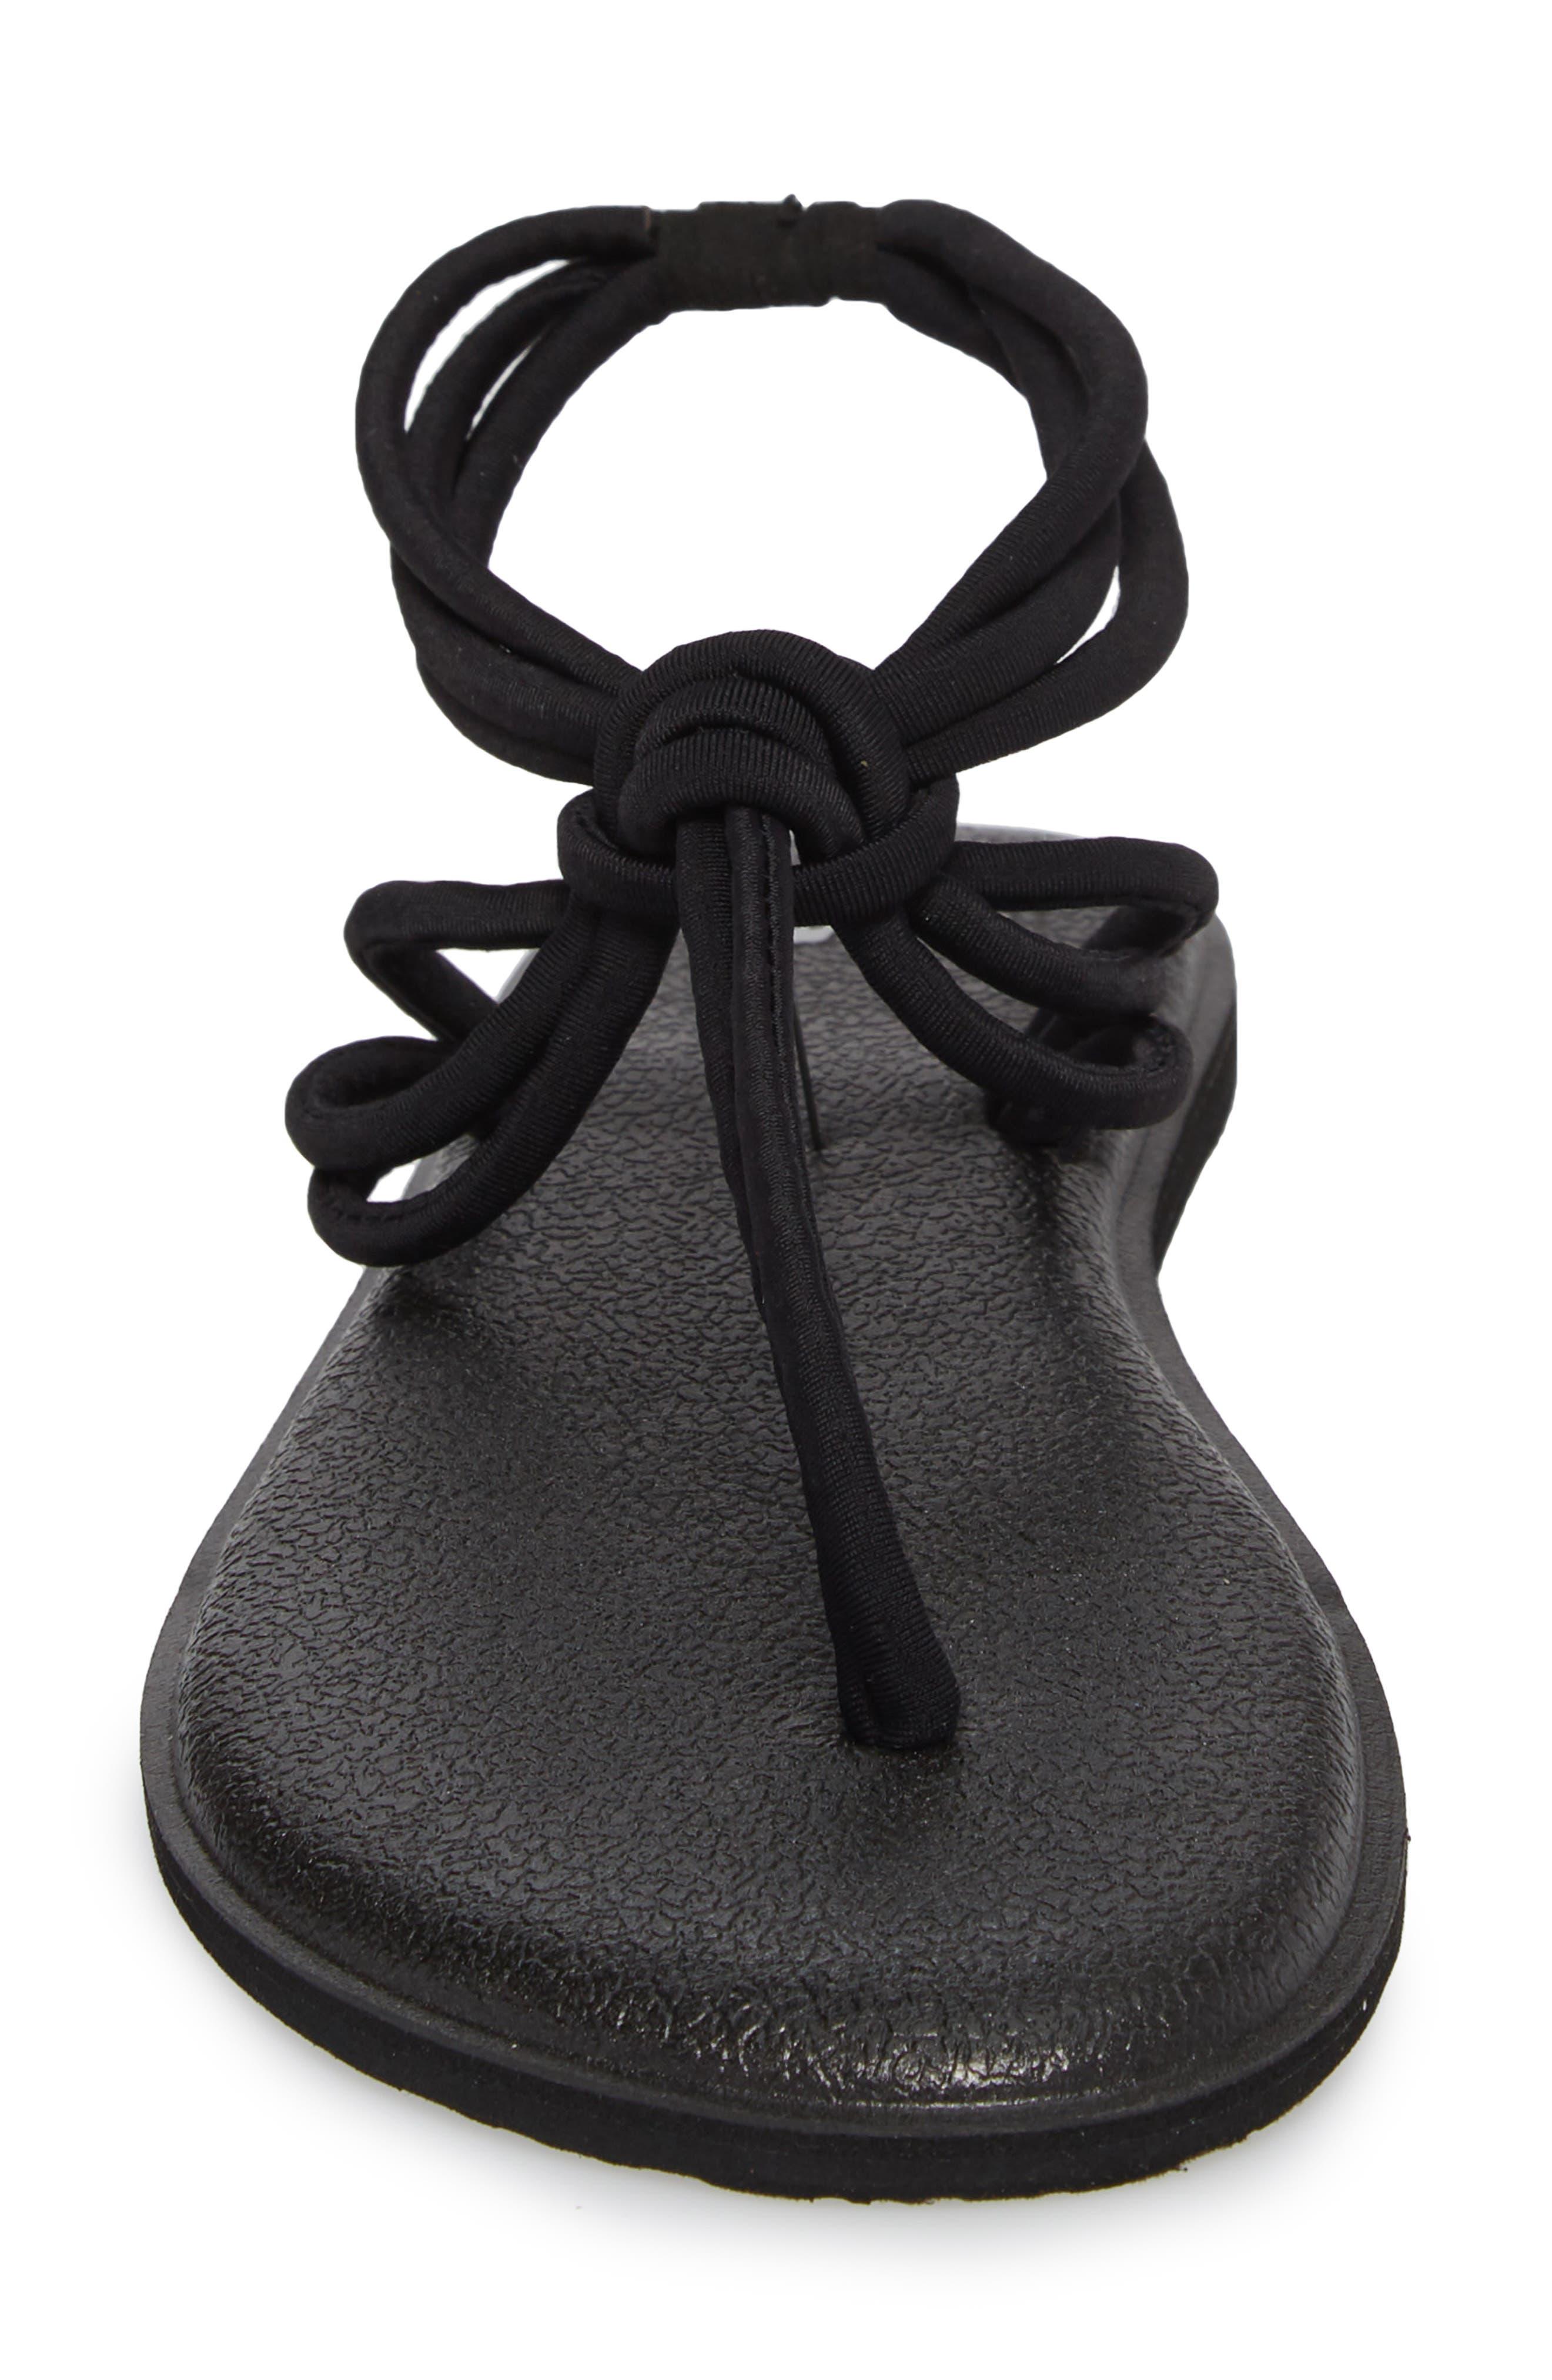 Yoga Sunshine Knotted Thong Sandal,                             Alternate thumbnail 4, color,                             BLACK